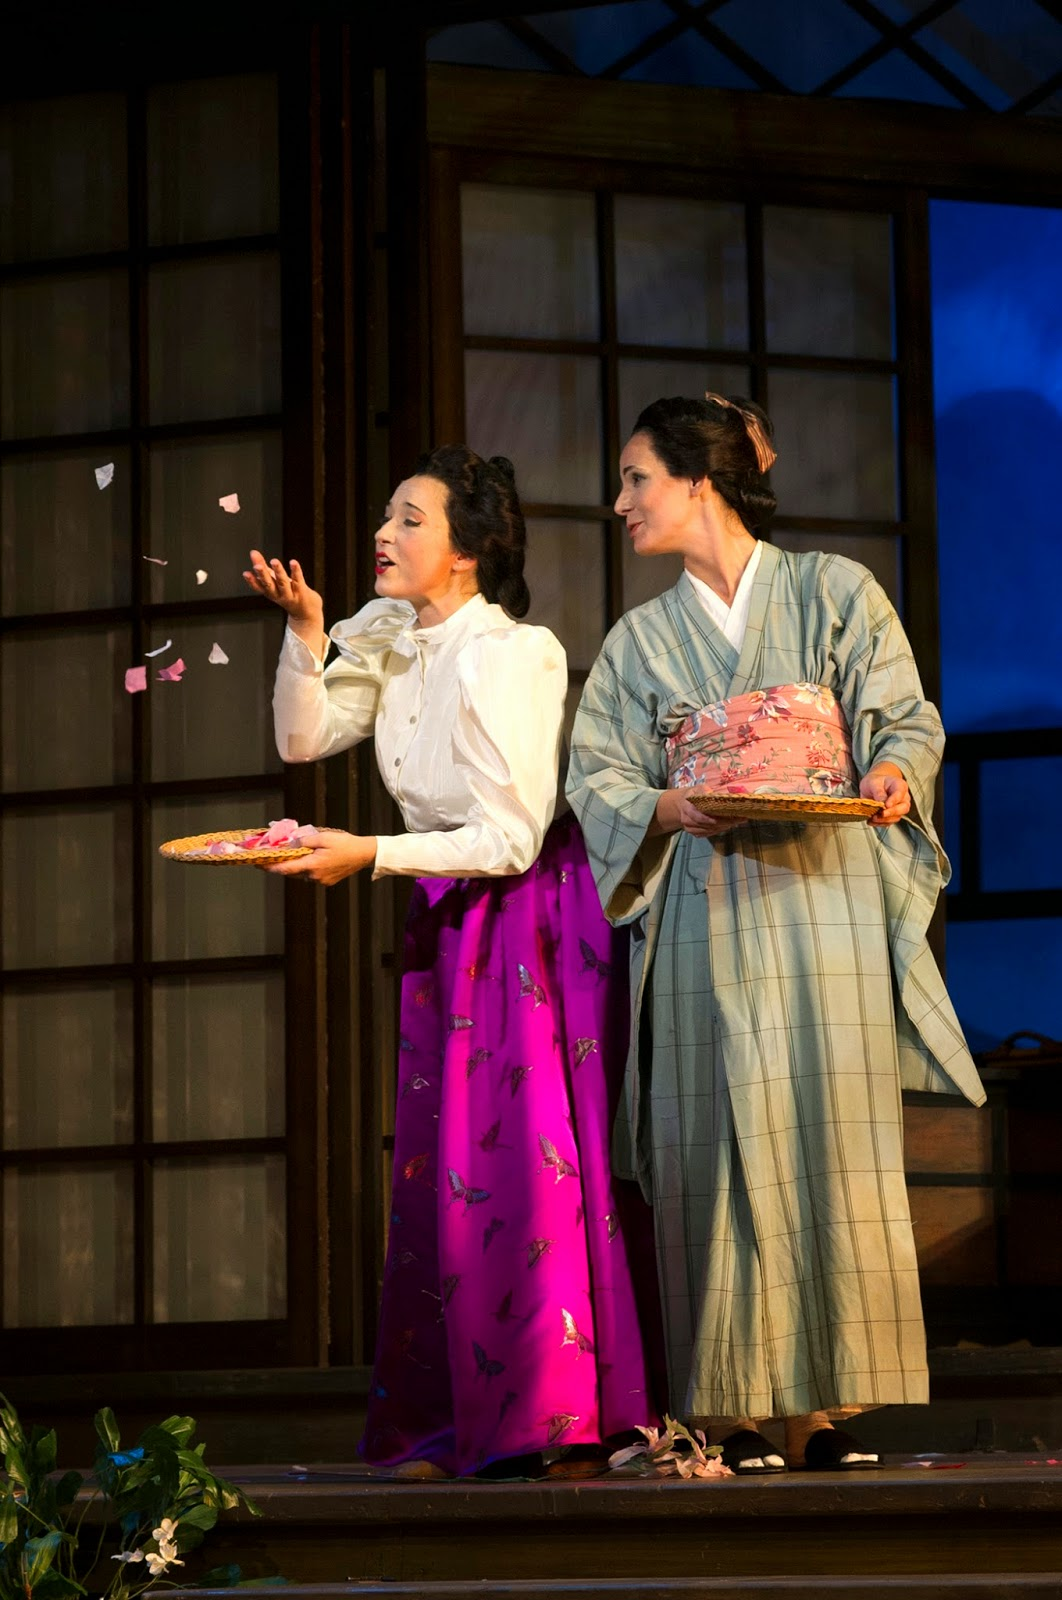 Jay Harvey Upstage In Cincinnati Opera production Puccini s opera of cu